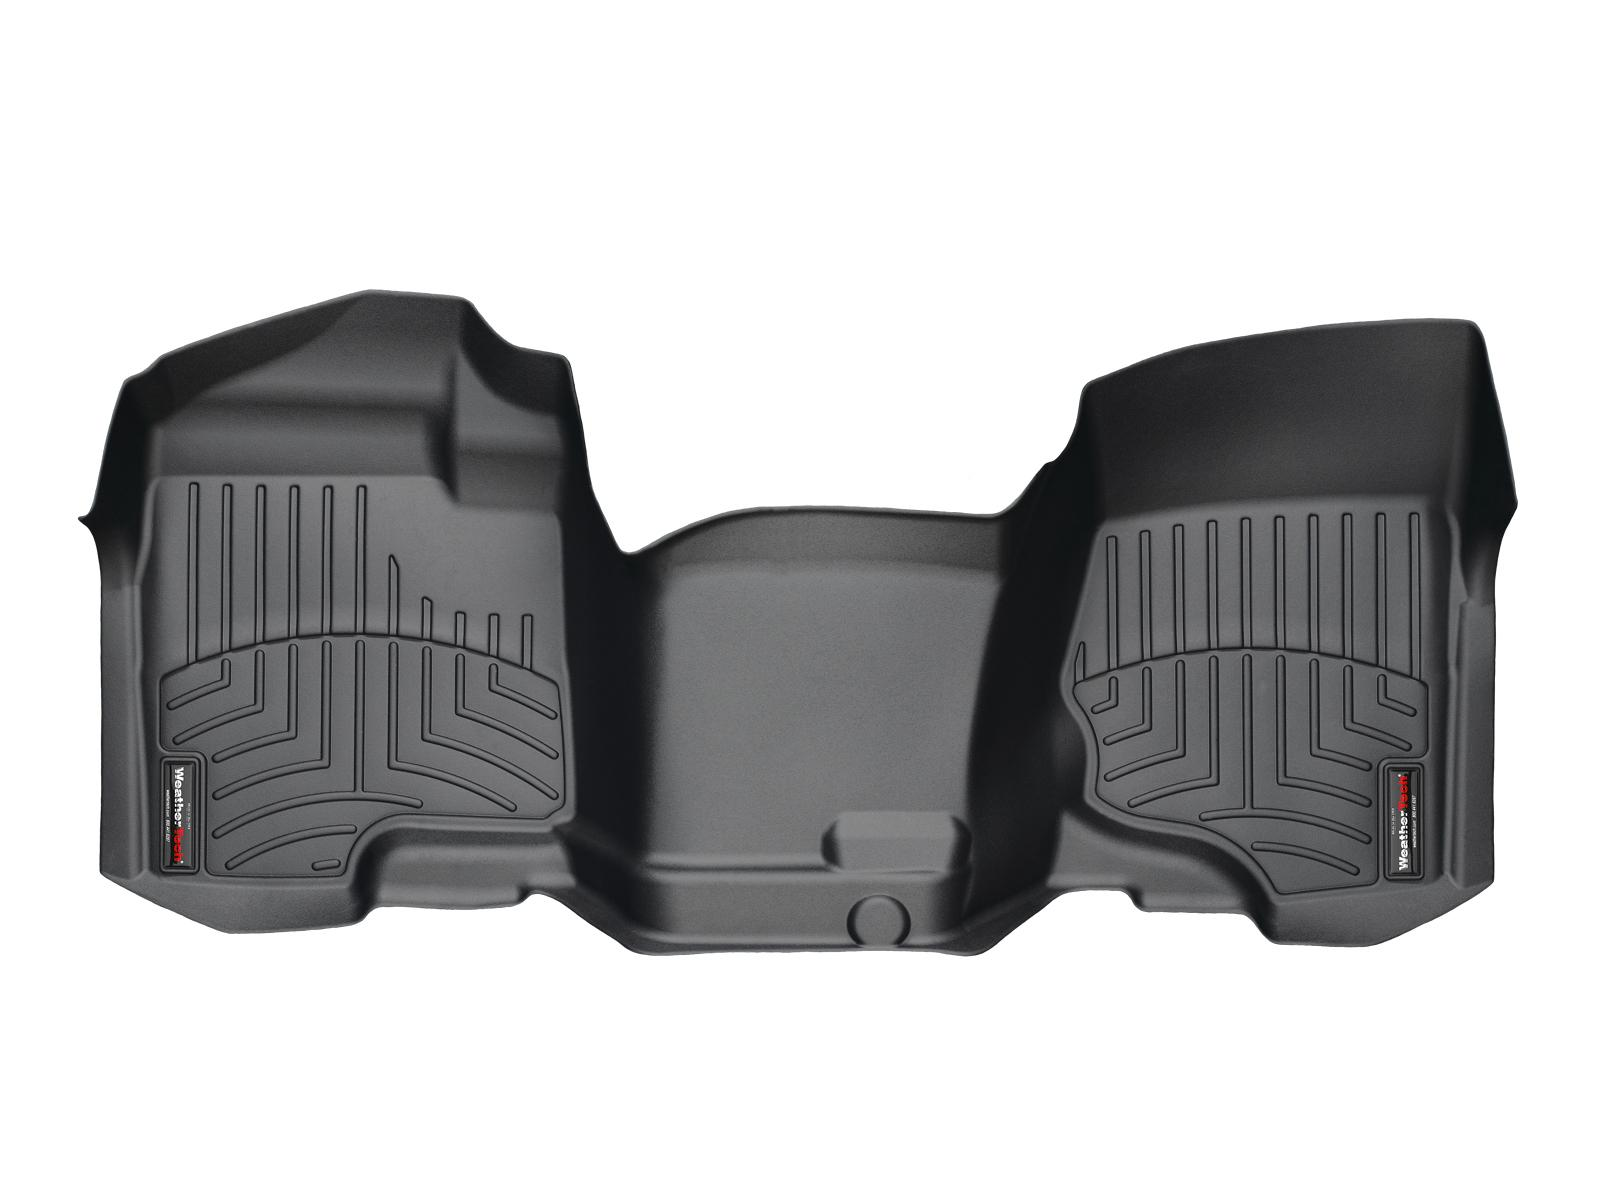 Tappeti gomma su misura bordo alto Chevrolet Silverado 08>13 Nero A180